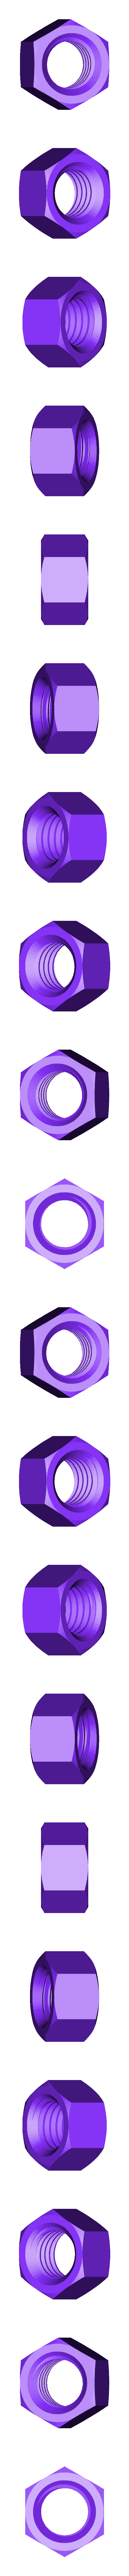 M6_Ecrou.STL Télécharger fichier STL gratuit poignee • Design à imprimer en 3D, Thomy